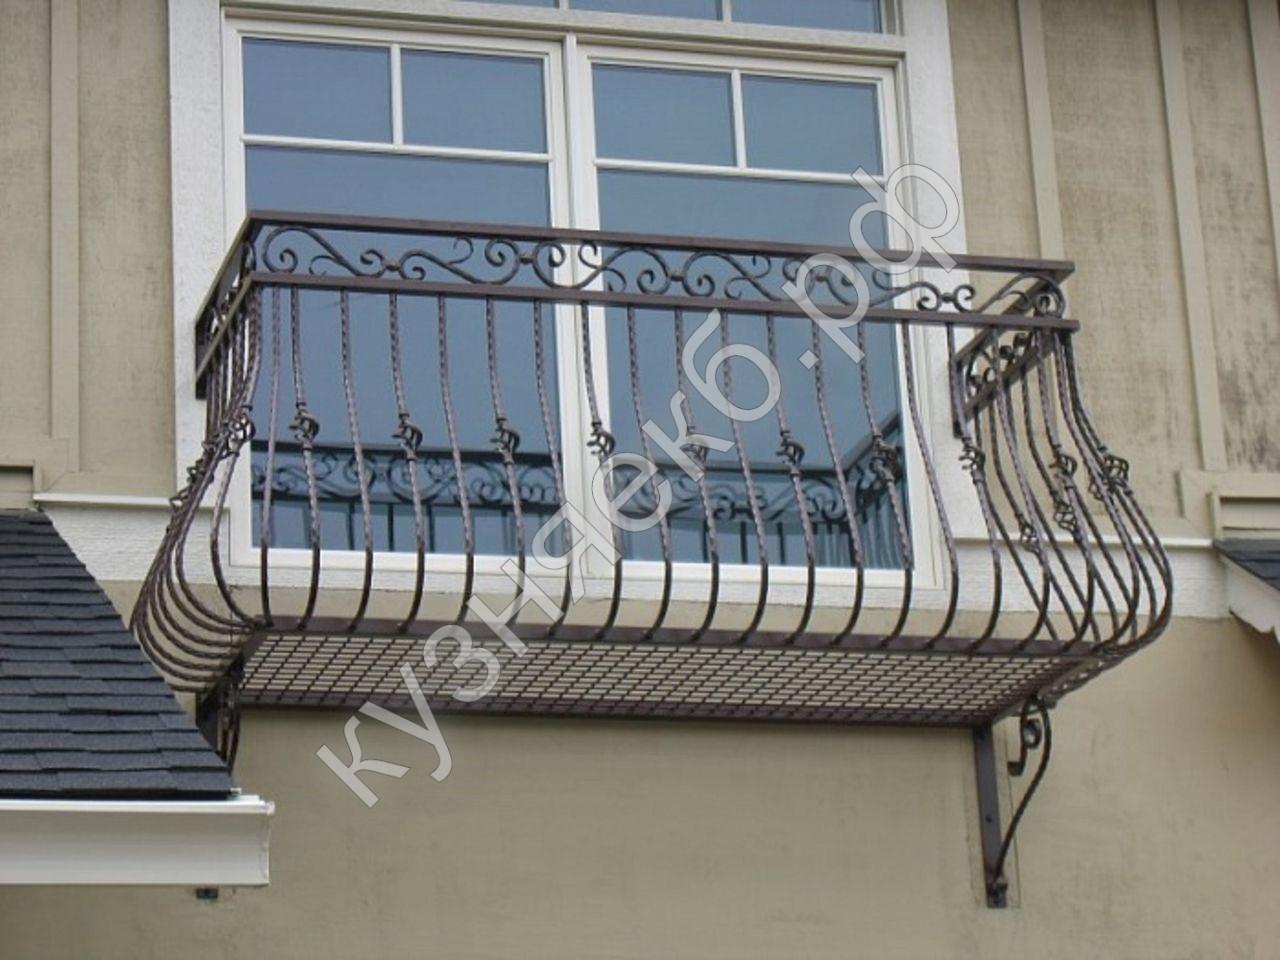 рассказал, что кованые дутые балконы картинки складу служби доставки